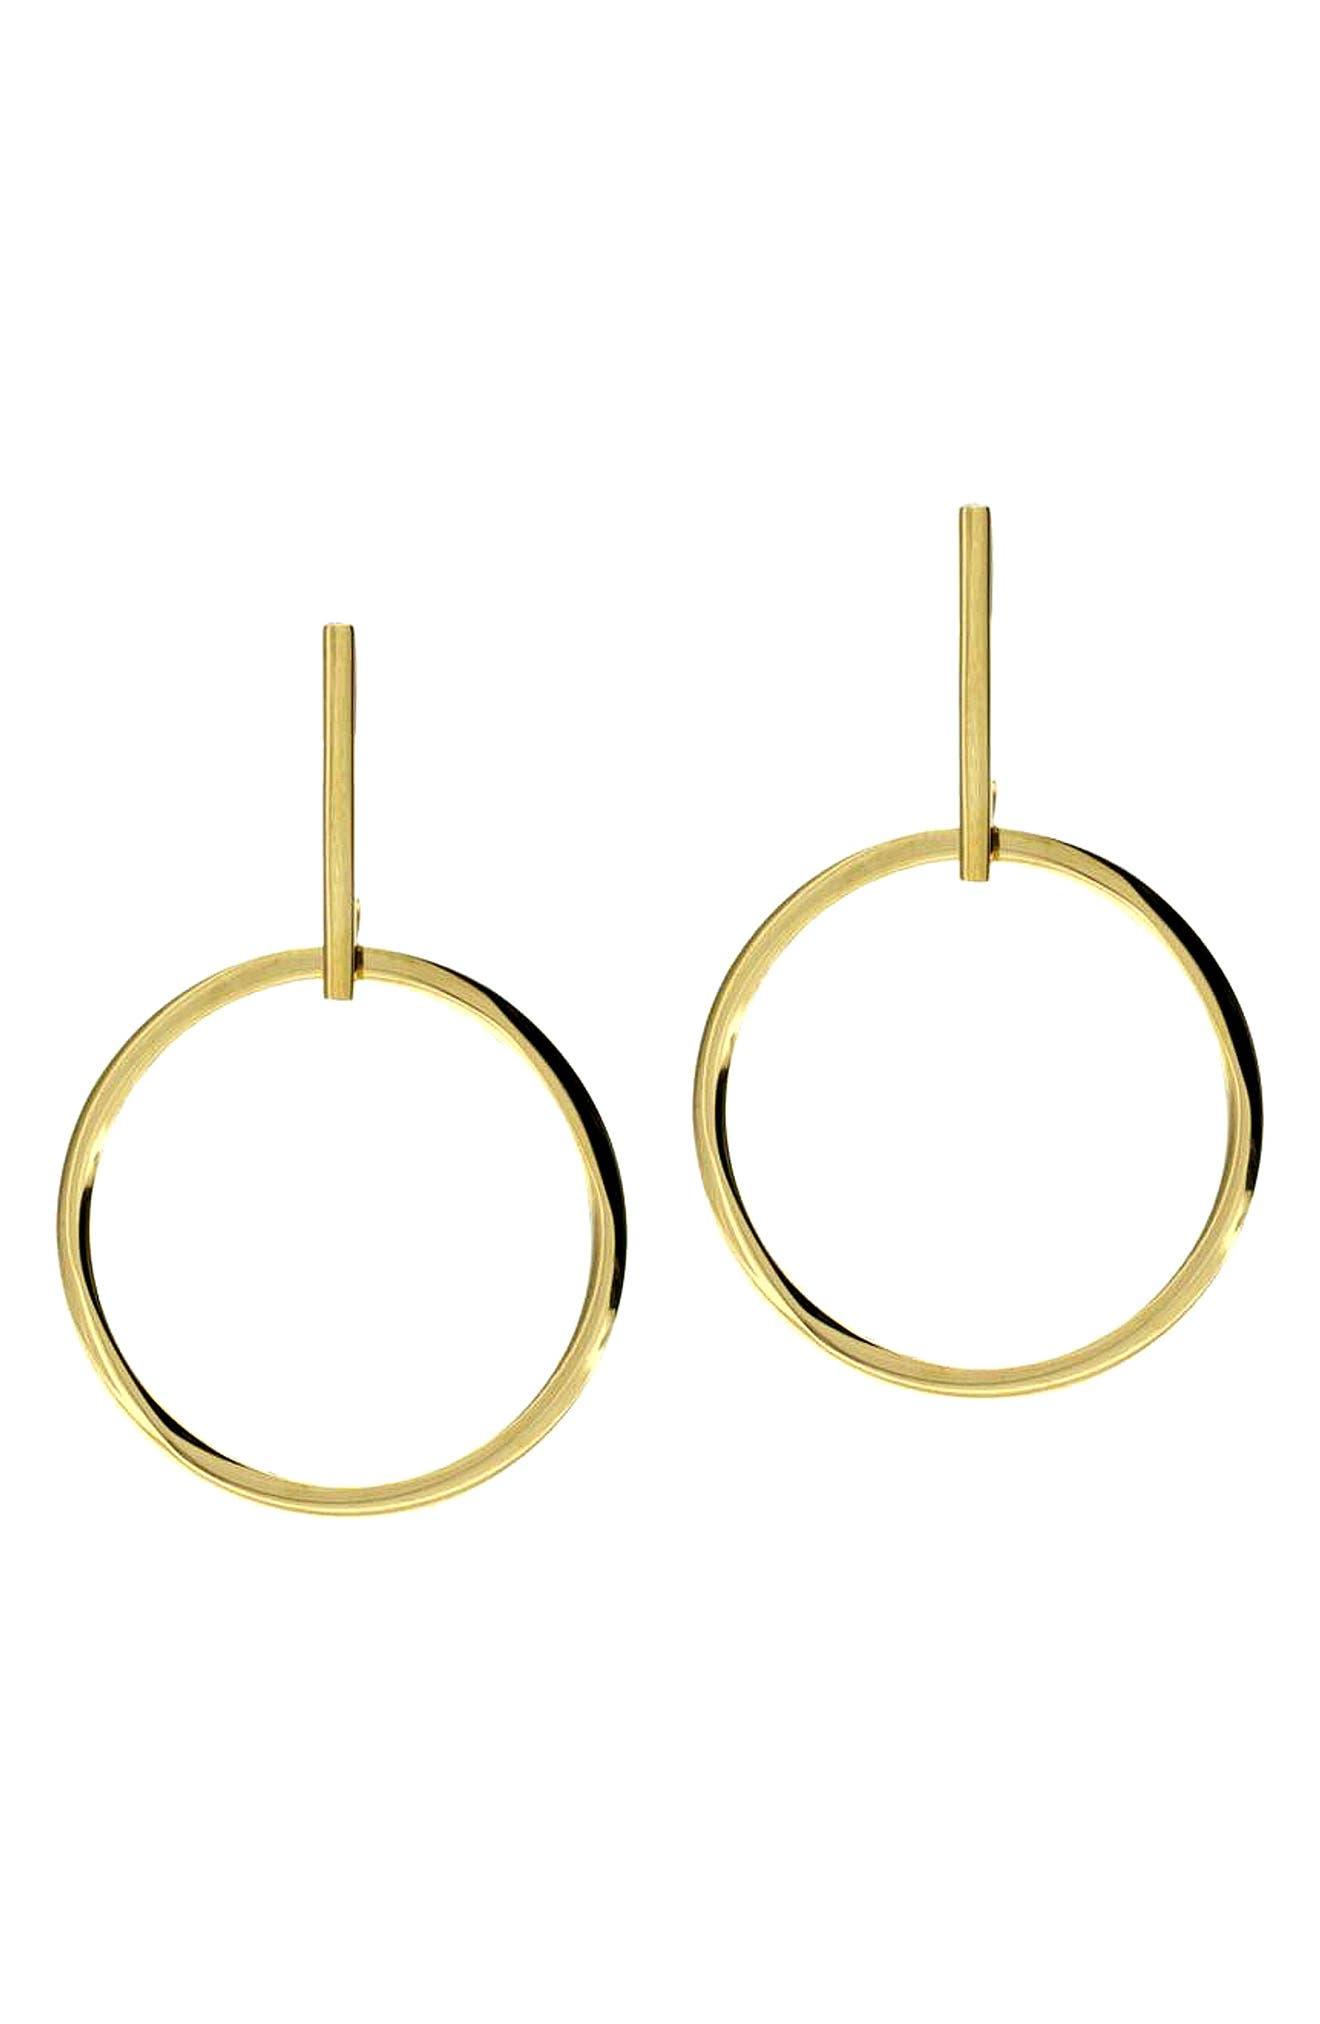 Joplin Hoop Earrings,                         Main,                         color, Gold